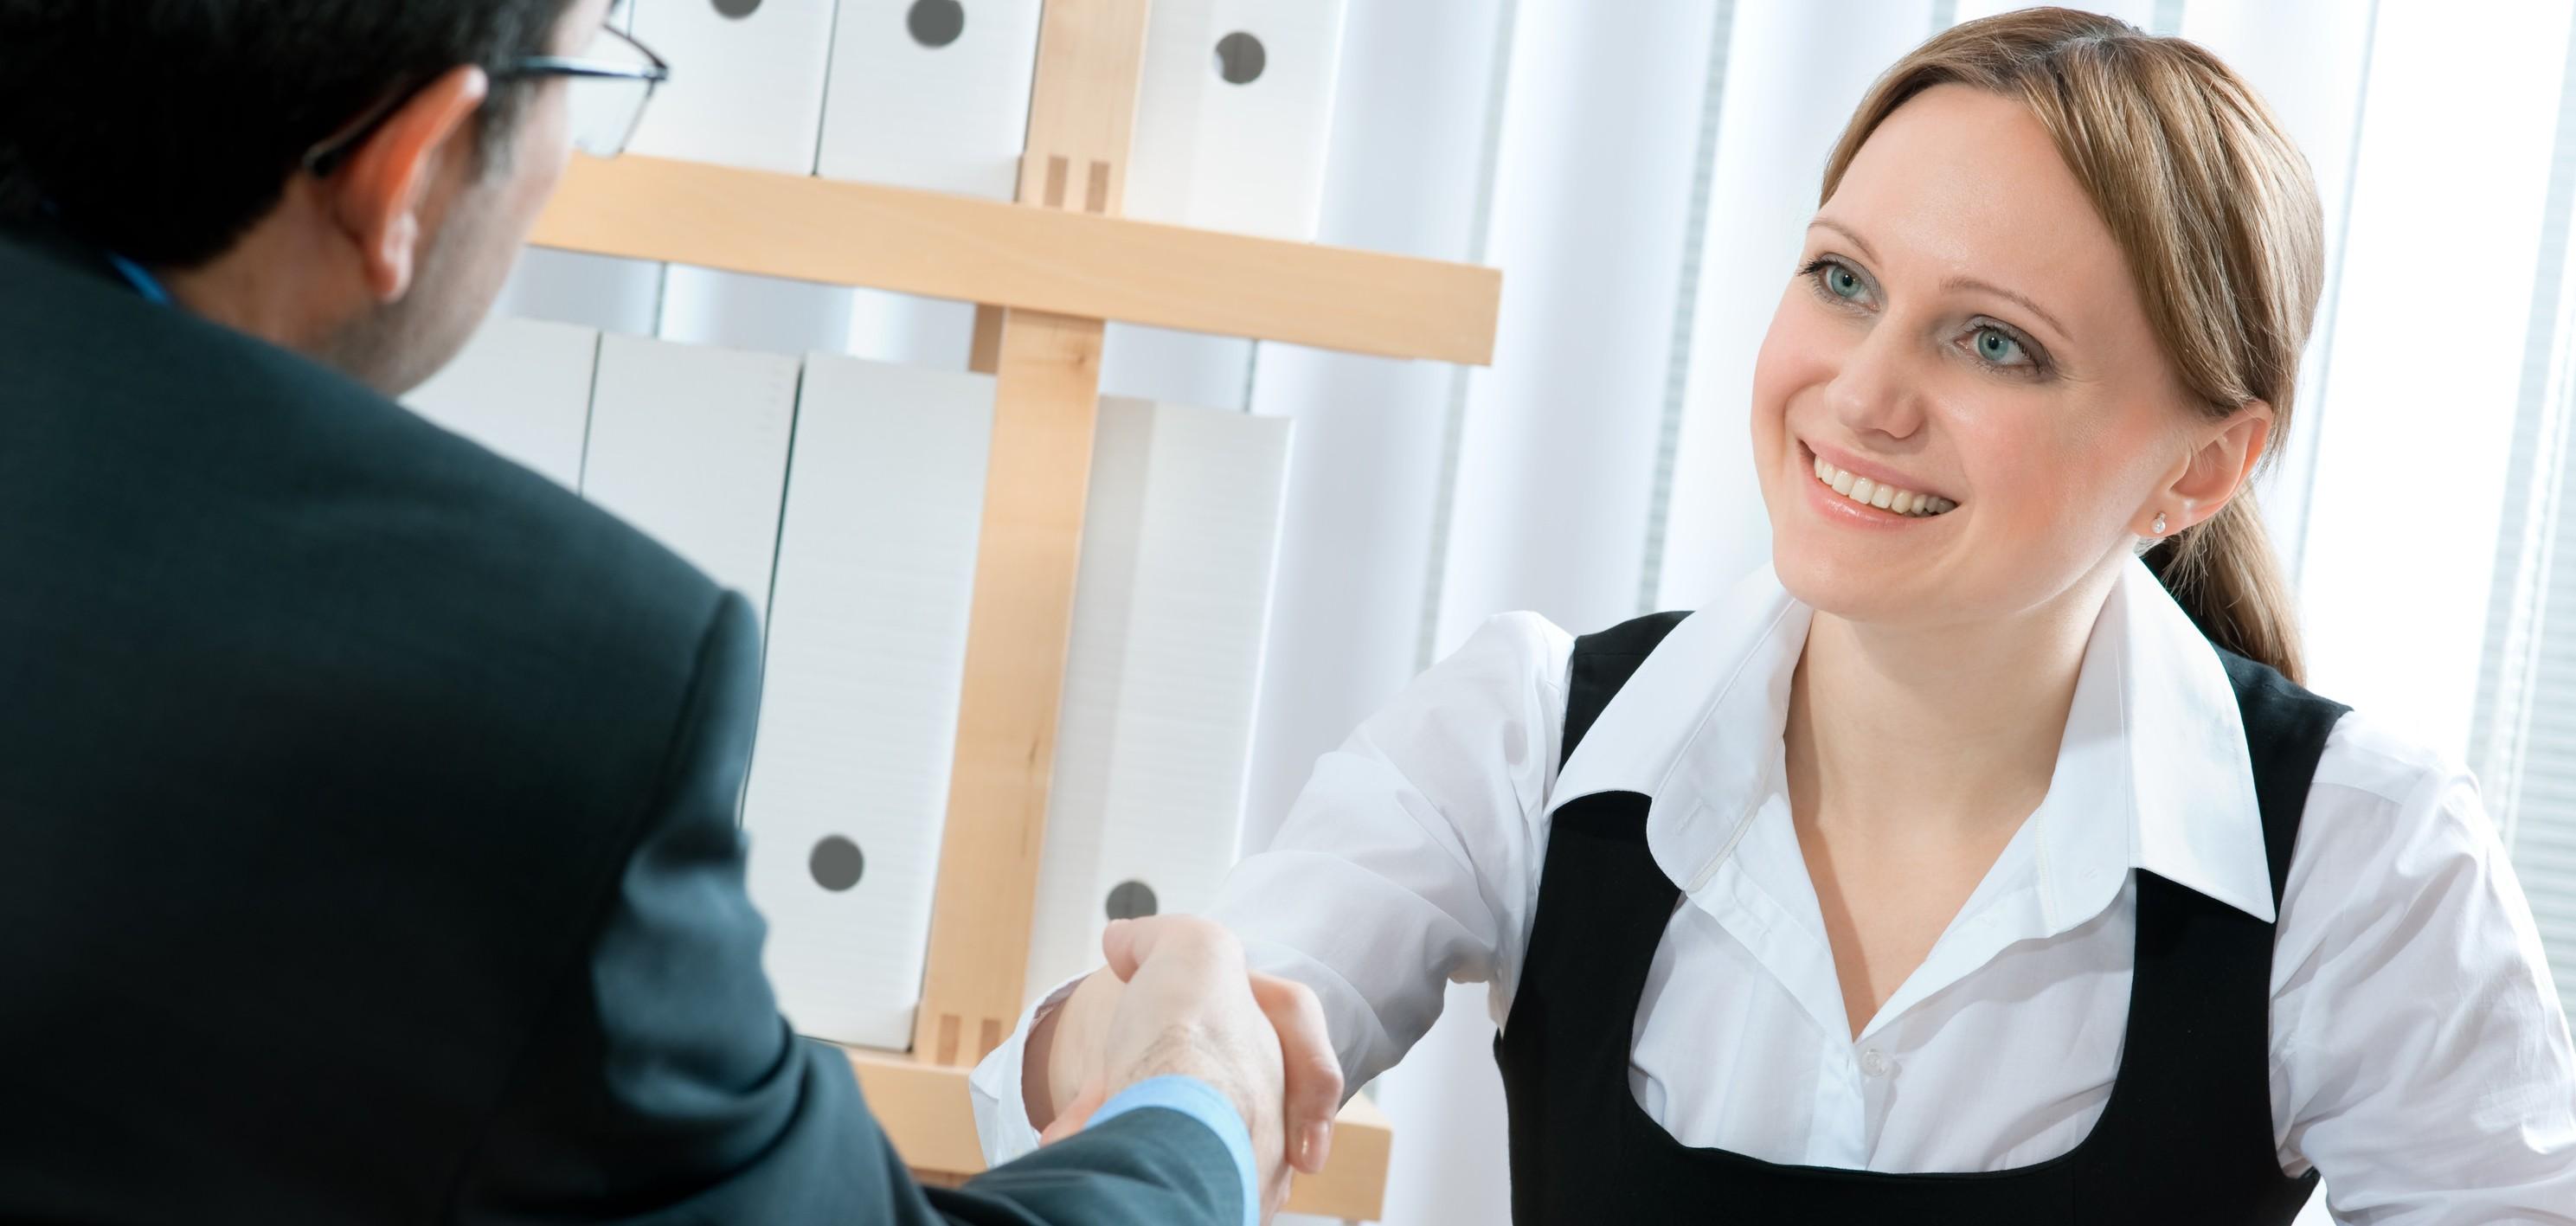 Vrei să iei decizii bune pentru compania ta? 5 sfaturi ca să angajezi oamenii potriviți